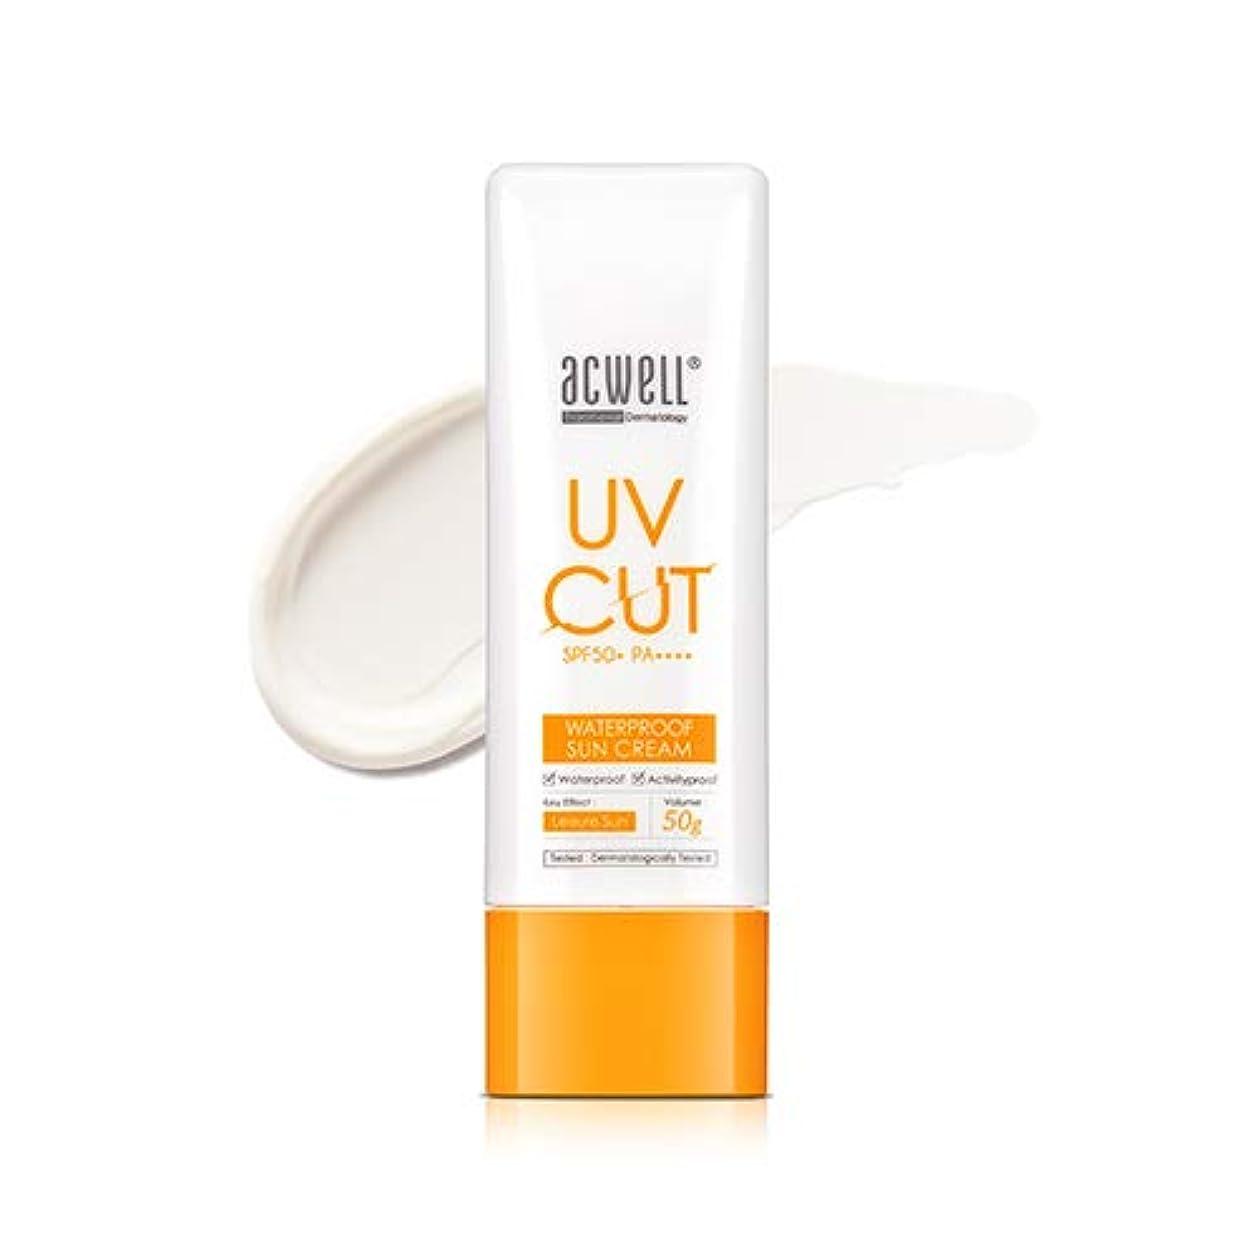 ハイランド捕虜ガソリンアクウェル ACWELL UV Cut Waterproof Sun Cream ウォータープルーフ サンクリーム 50g, SPF50+ PA++++ [Made in Korea]